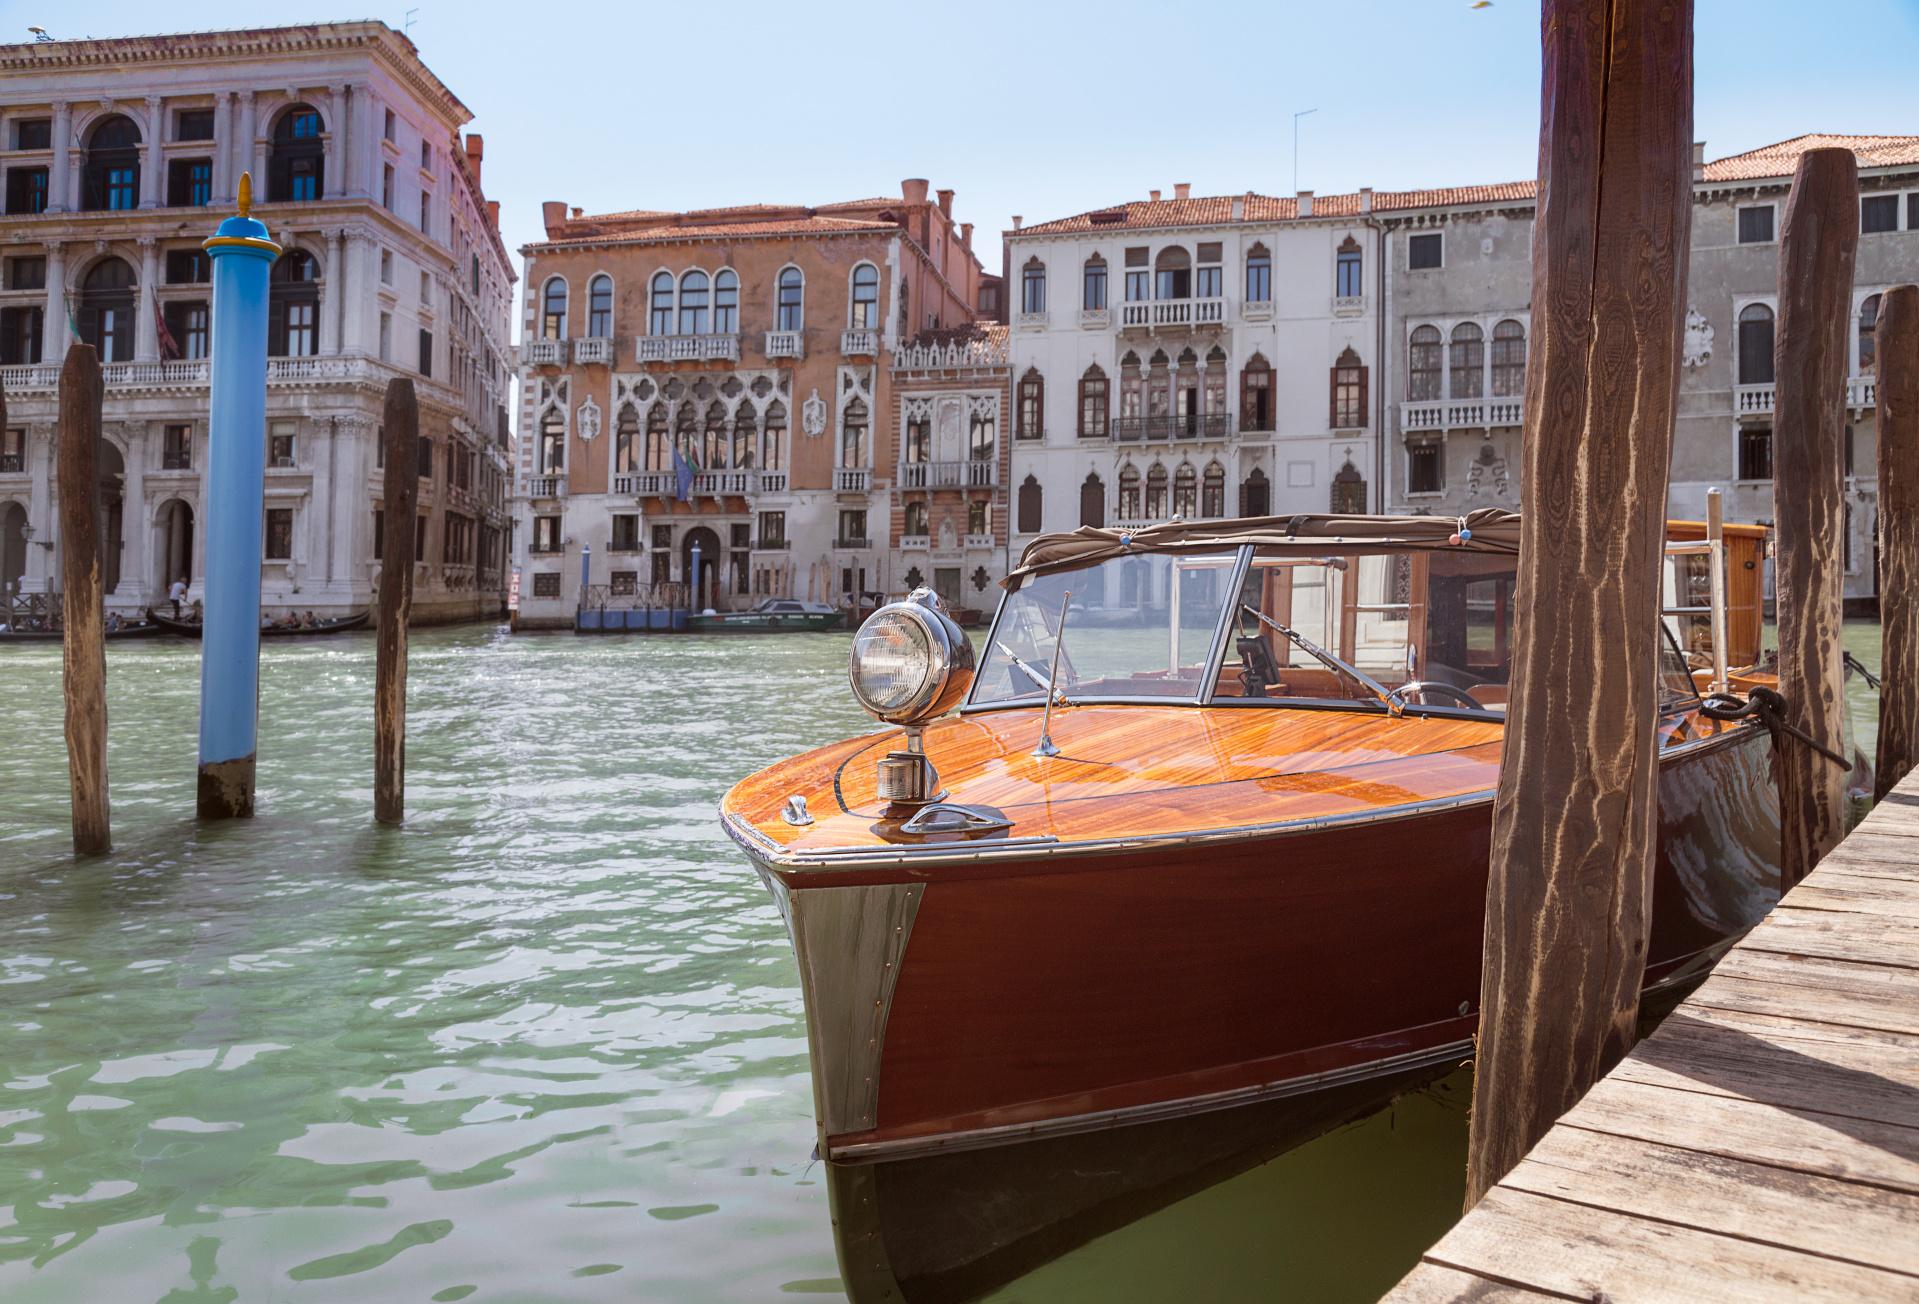 Aman Venice, Italy - Canal Boat